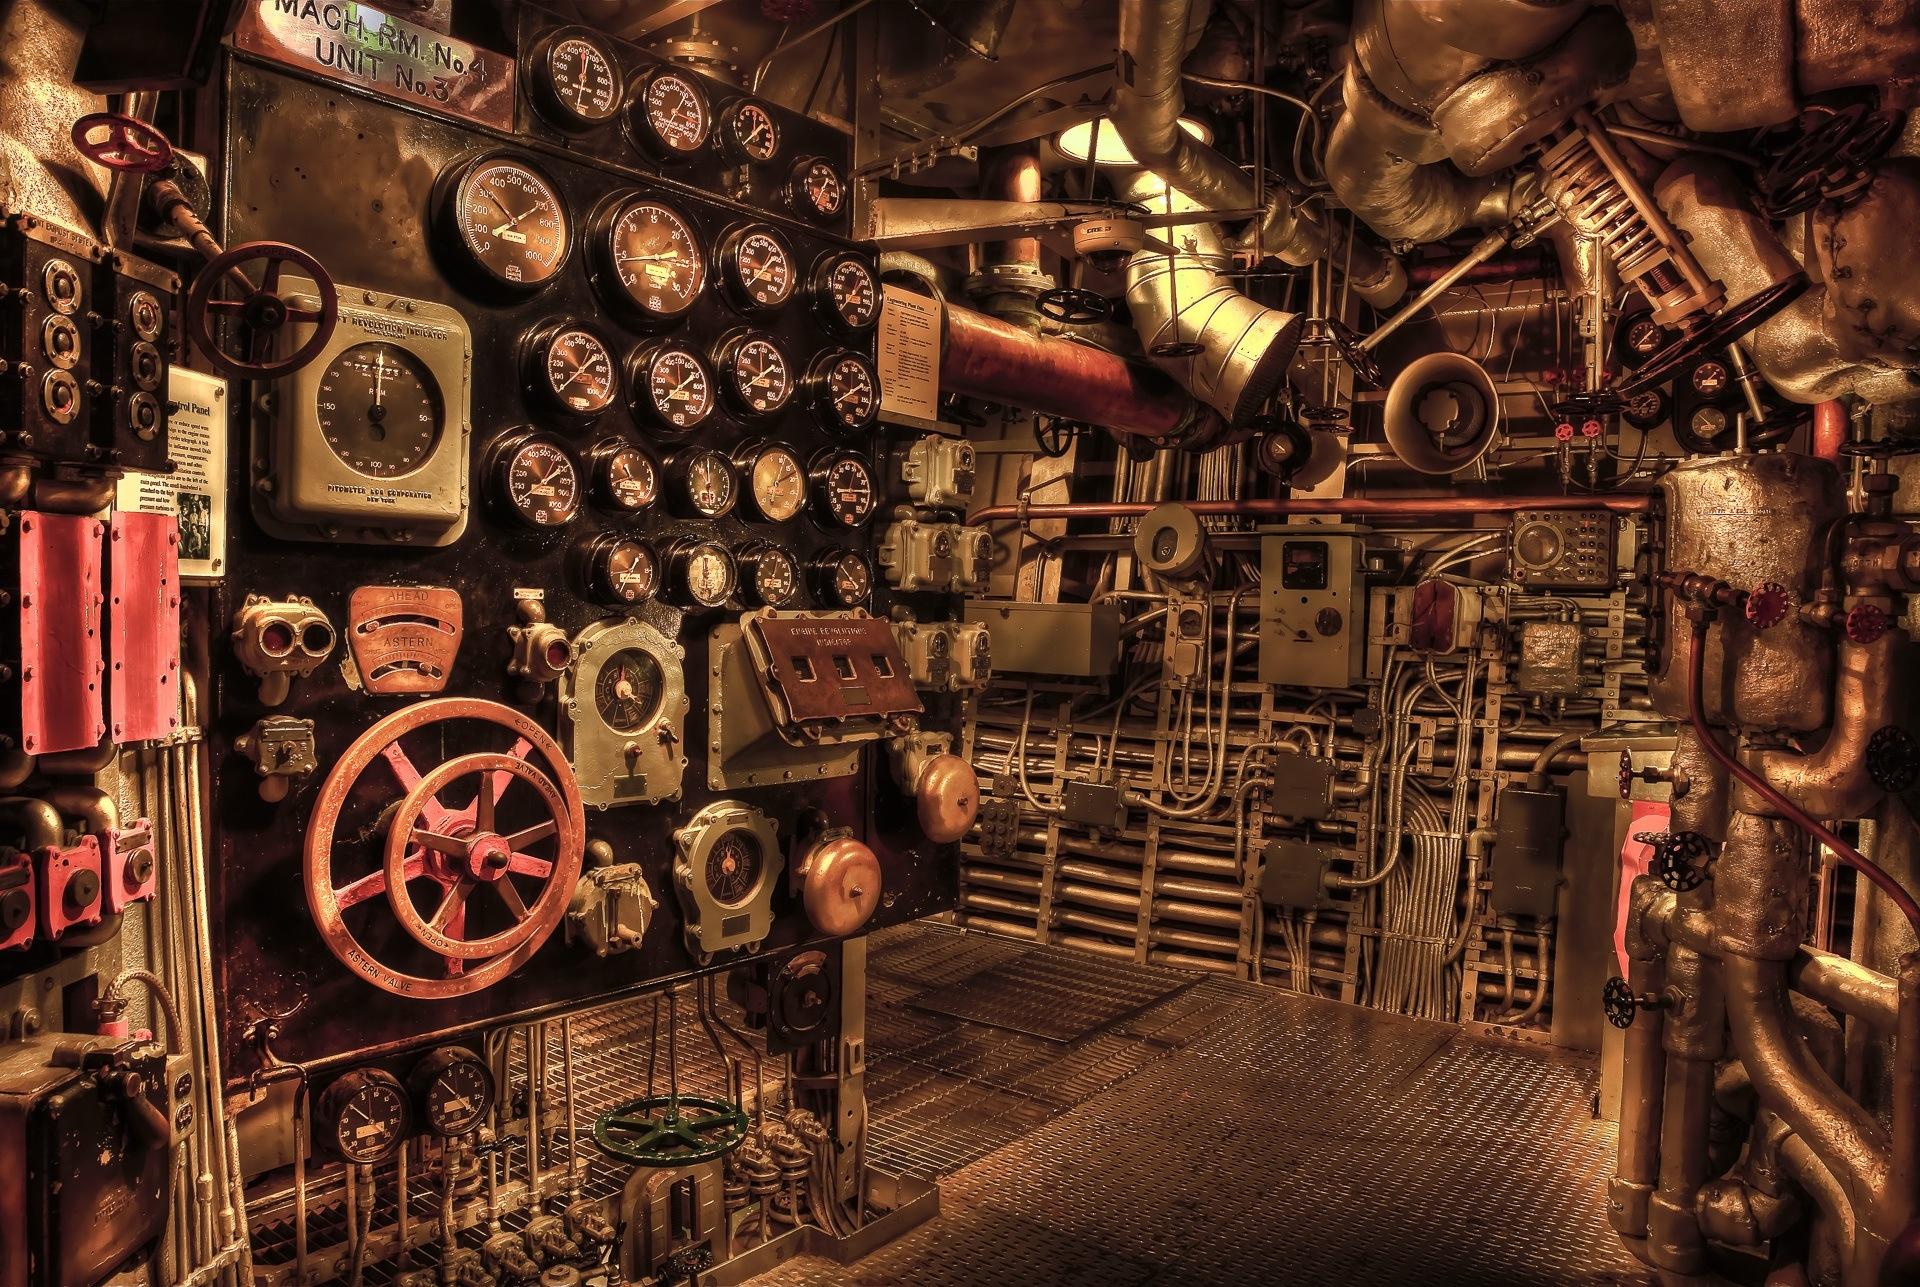 機械の部屋, バルブ, 歯車, キー, マシン - HD を壁紙します。 - 教授-falken.com